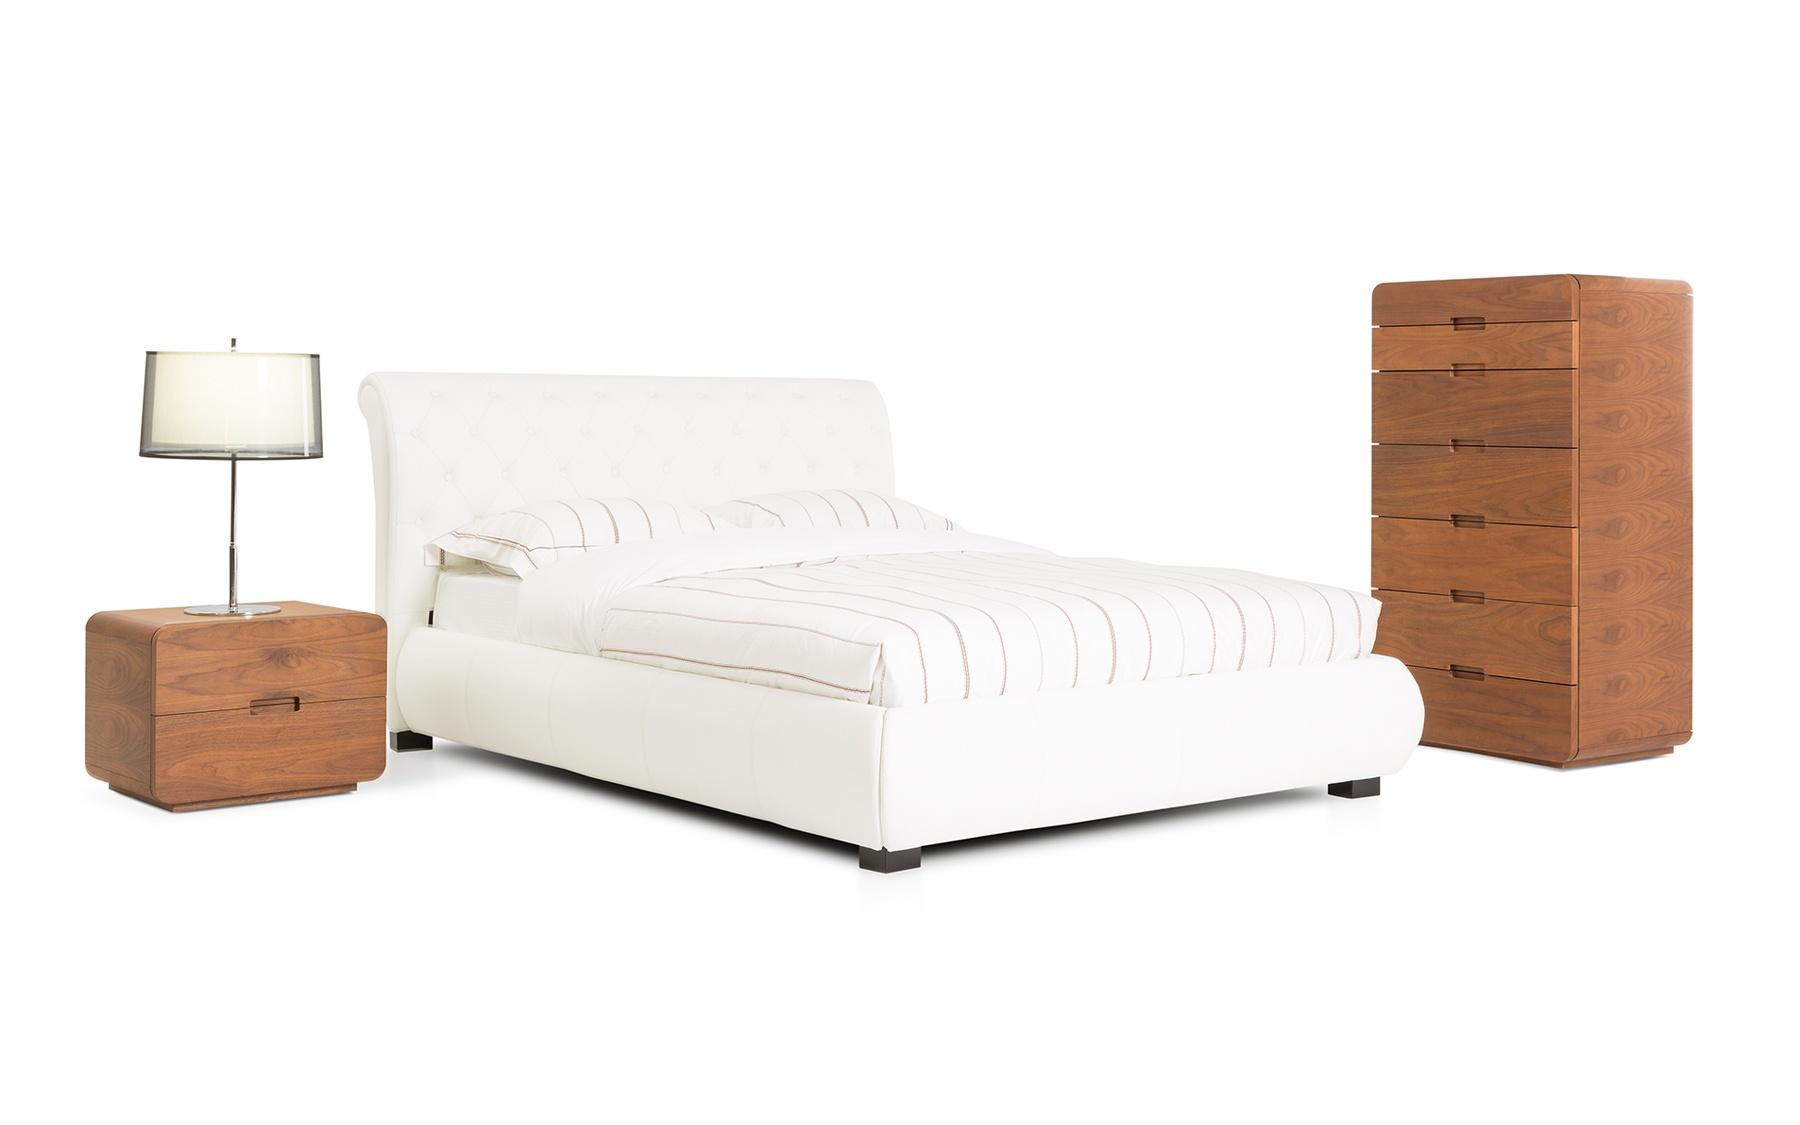 Lit grand format cl553 lits chambres la galerie du for Galerie du meuble